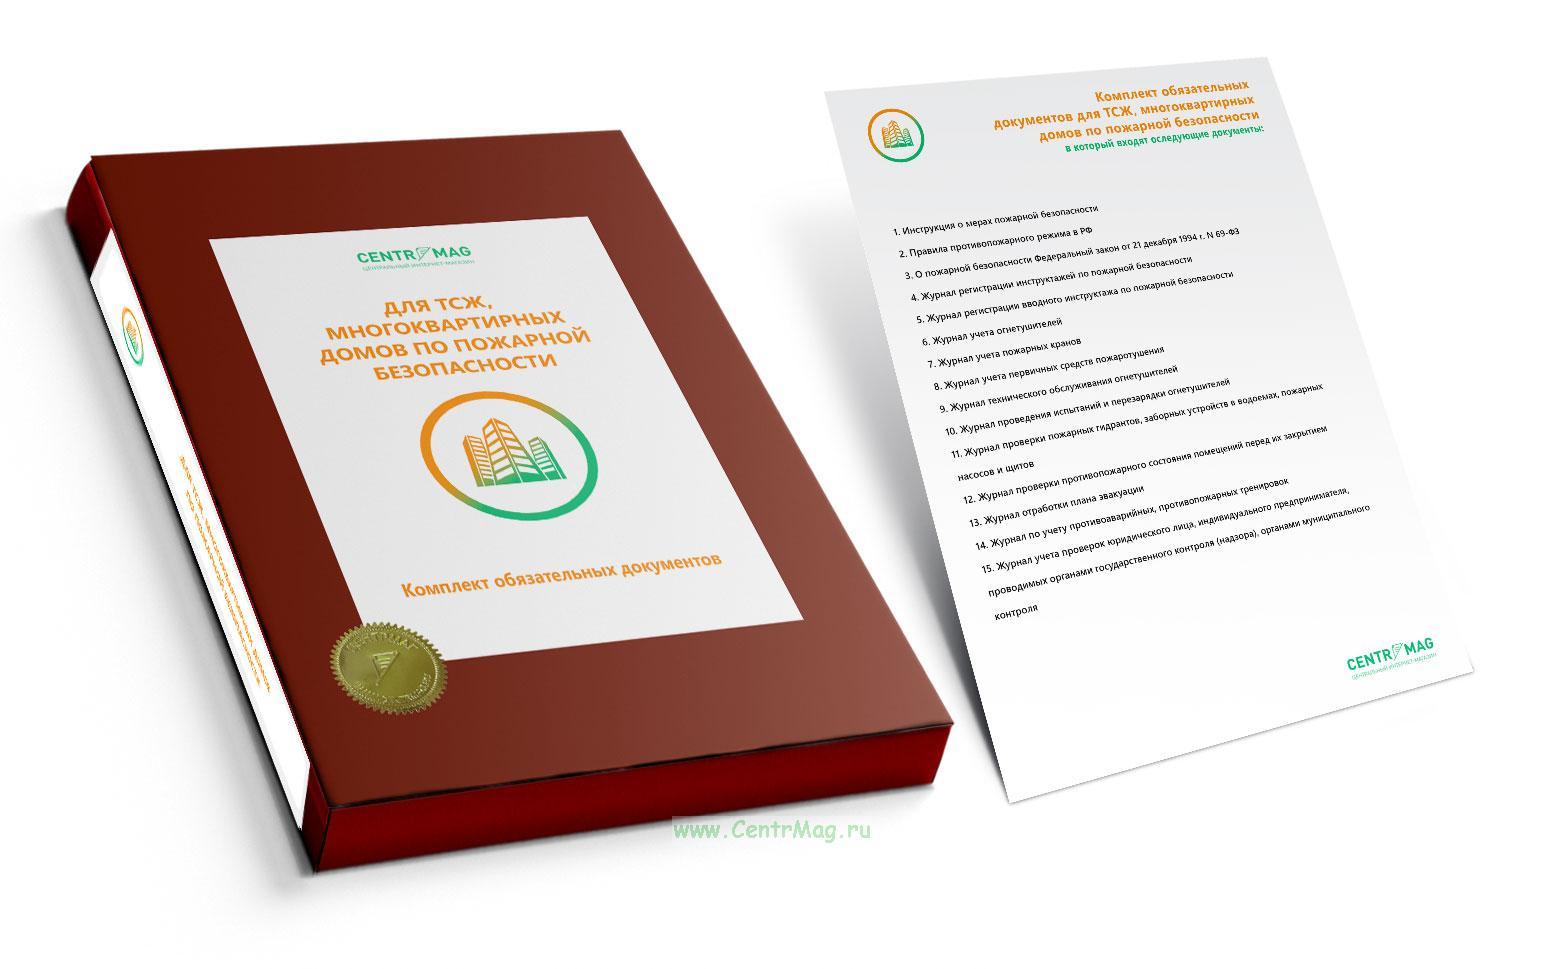 Комплект обязательных документов для ТСЖ, многоквартирных домов по пожарной безопасности 2019 год. Последняя редакция